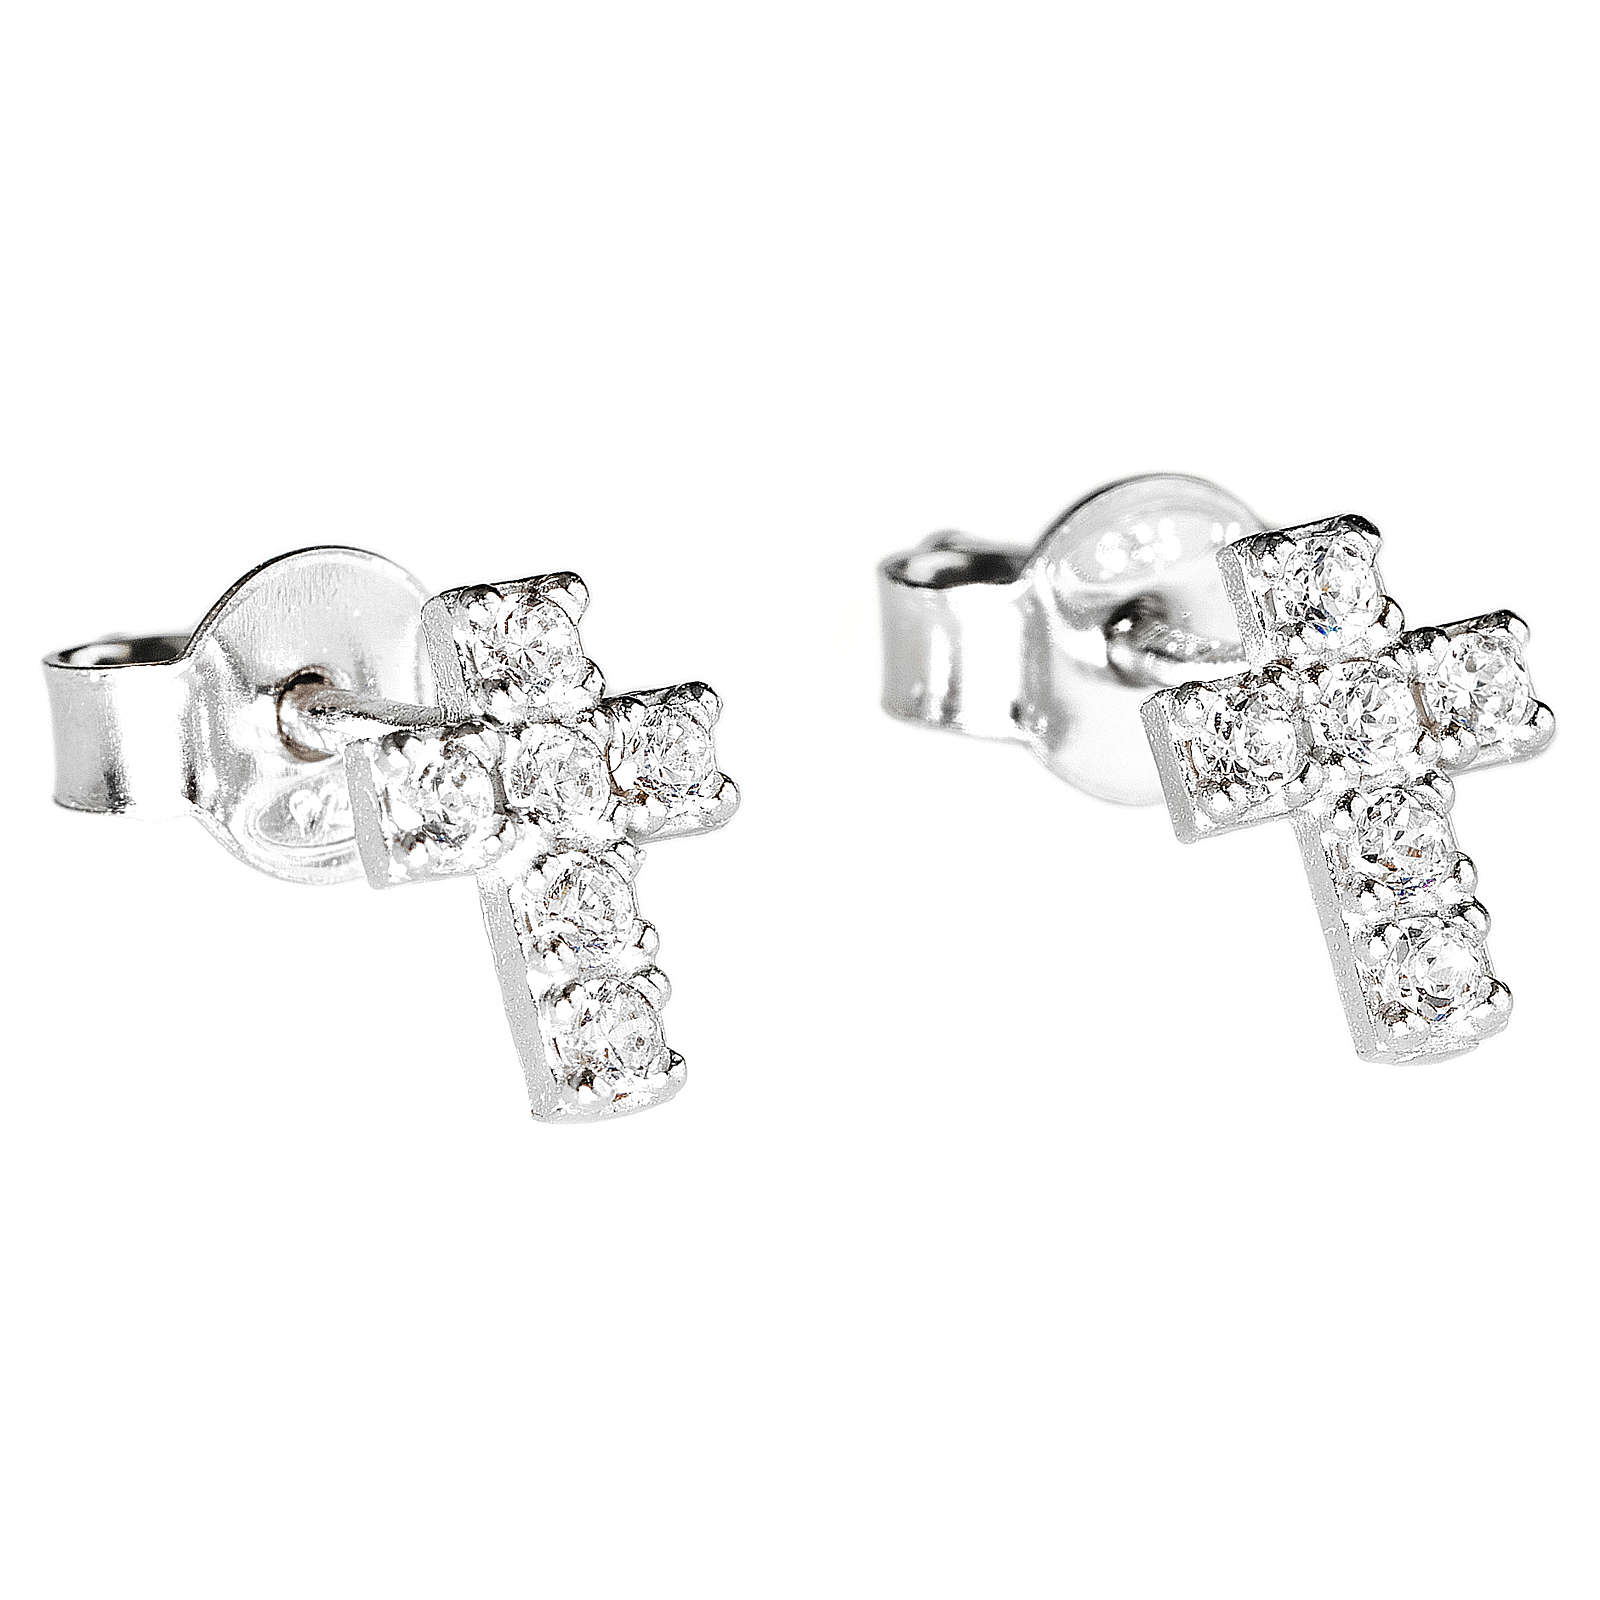 Orecchini AMEN croce argento 925 zirconi bianchi 4